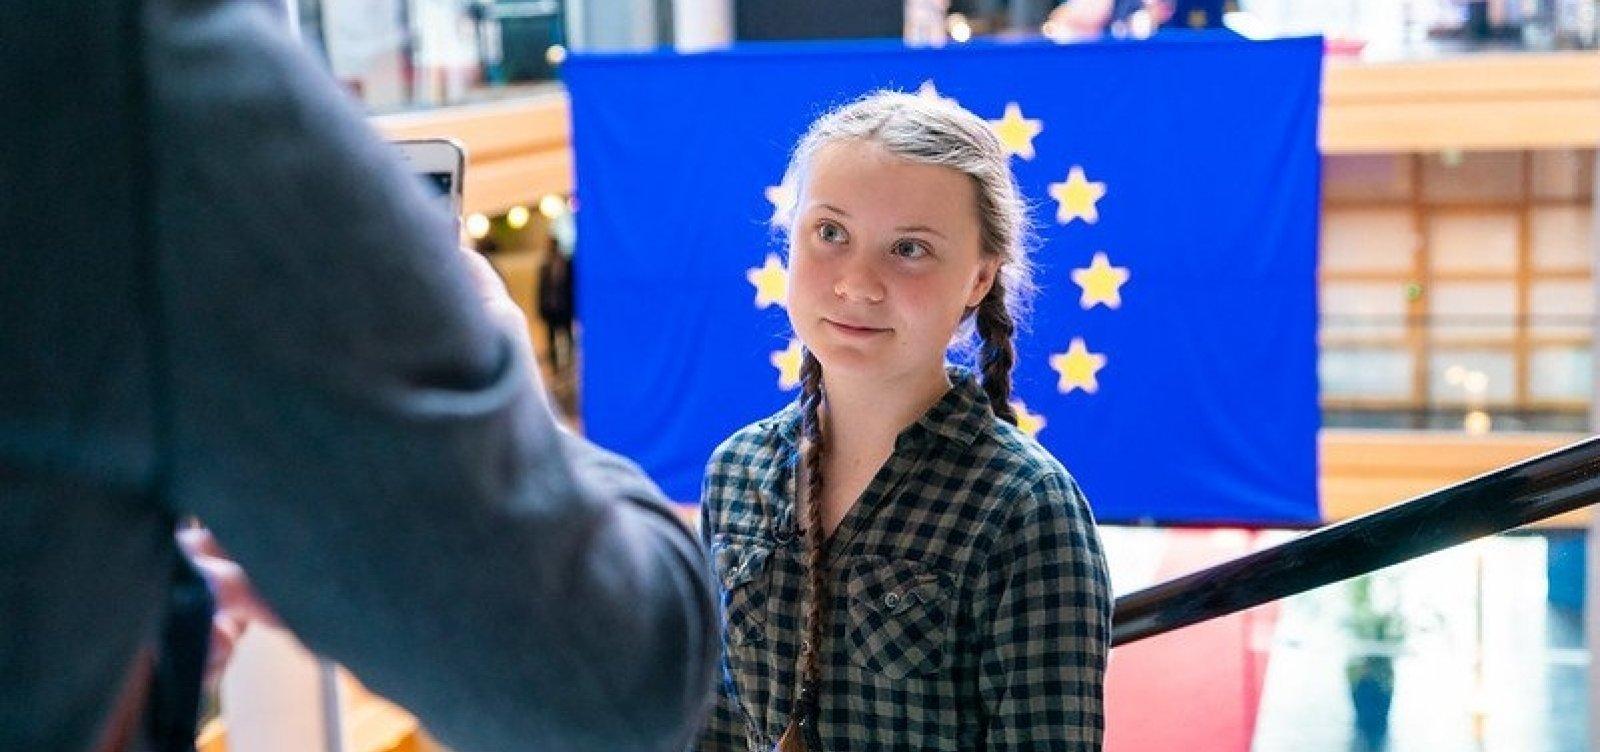 [Greta Thunberg rejeita prêmio de 47 mil euros e cobra ação de políticos]